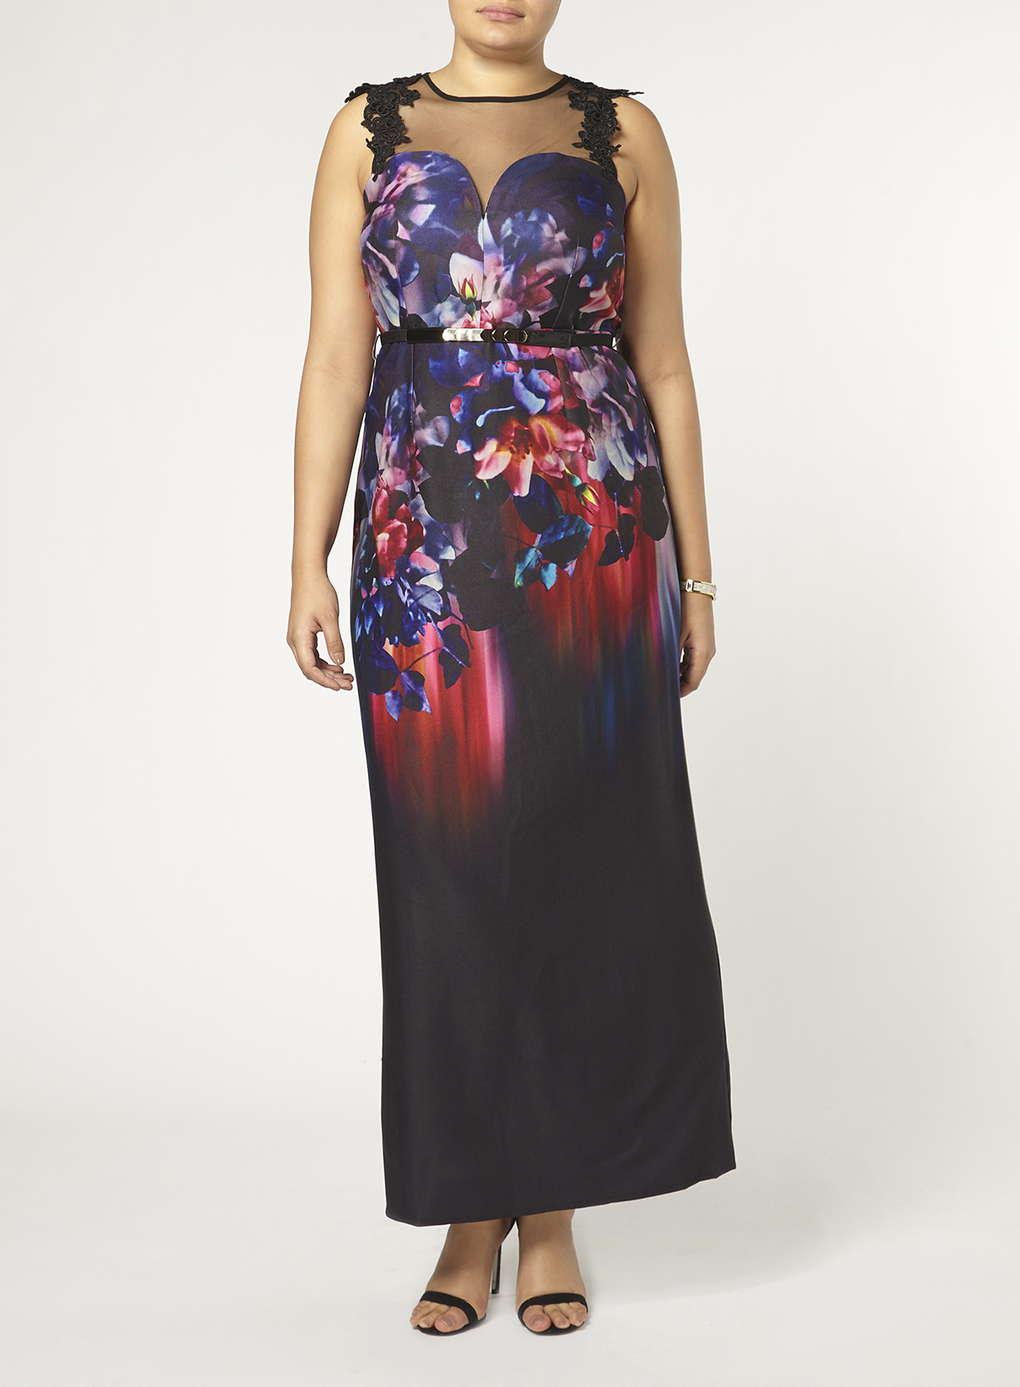 Büyük Beden Uzun Abiye Elbise Modelleri - Gece Elbiseleri - plus size dresses (30)